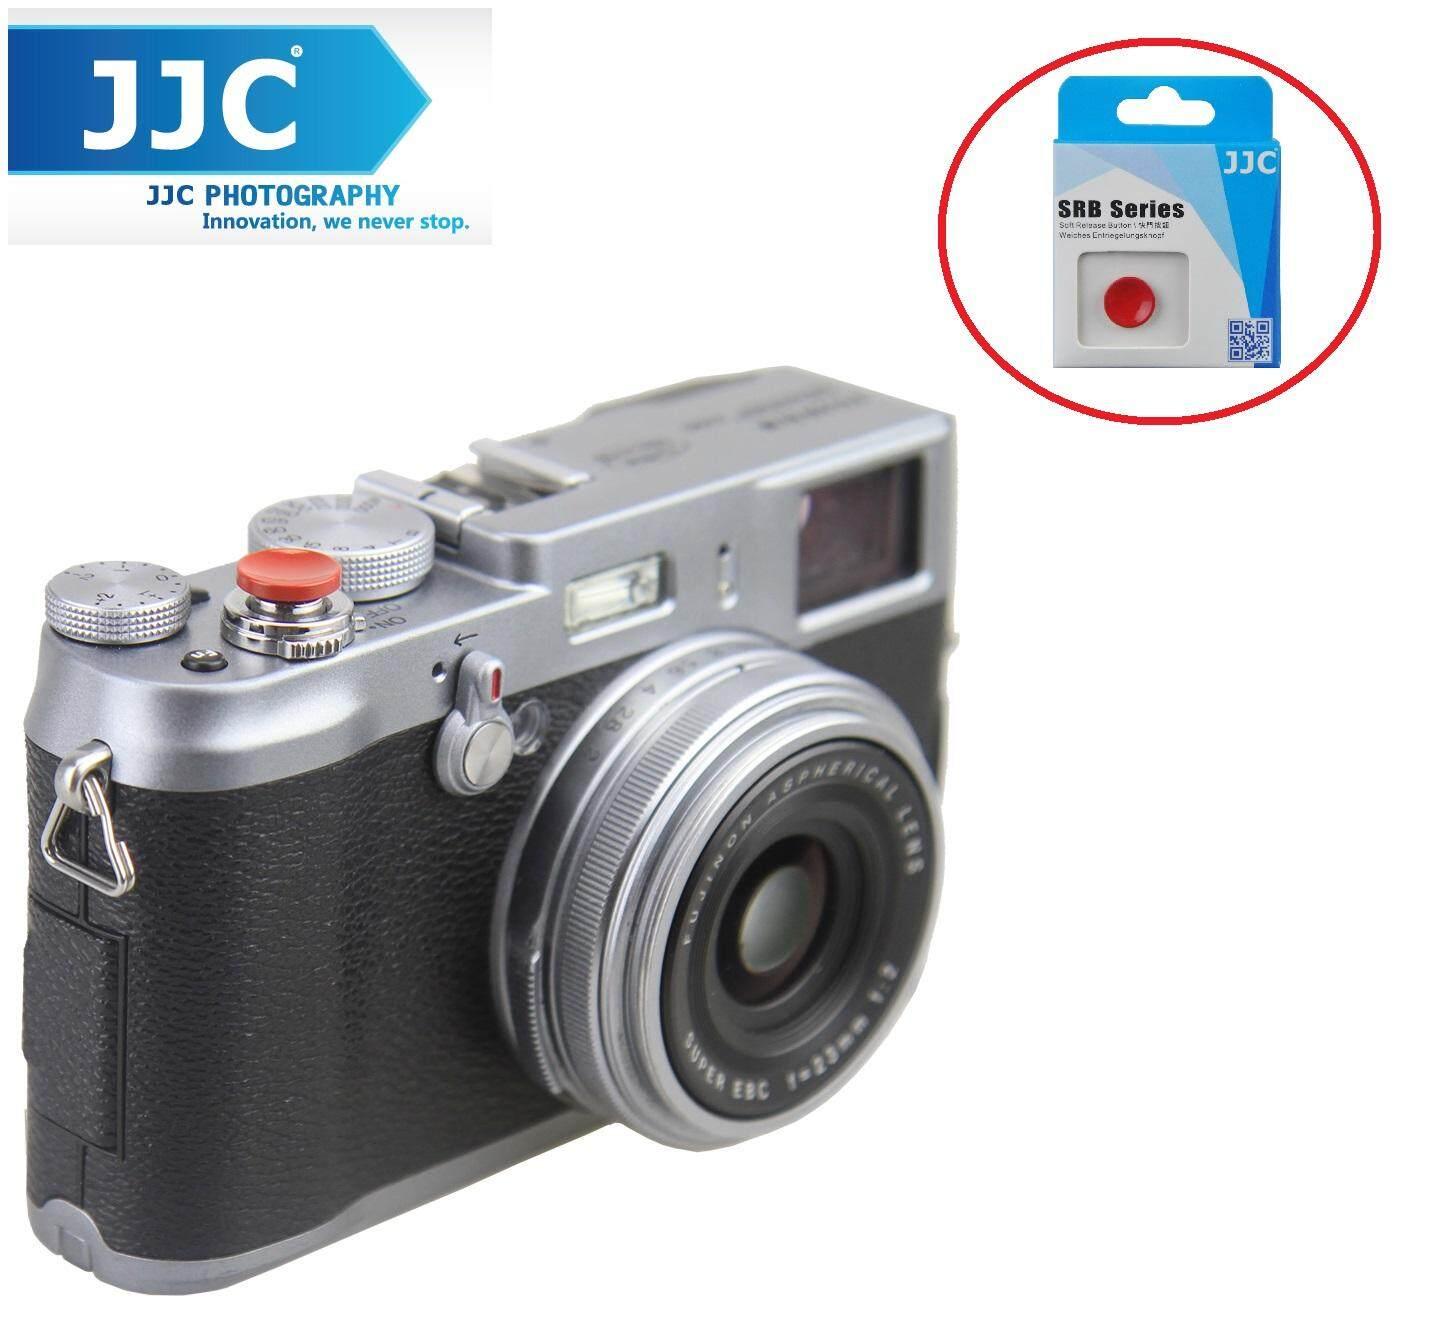 JJC SRB-C11R Metal Concave Surface Soft release button finger touch for X-PRO2,X-E2S,X10,X20,X30,X100T,X100,X100S,X-E1,X-E2,XPRO-1,STX-2,X-T10,X100F